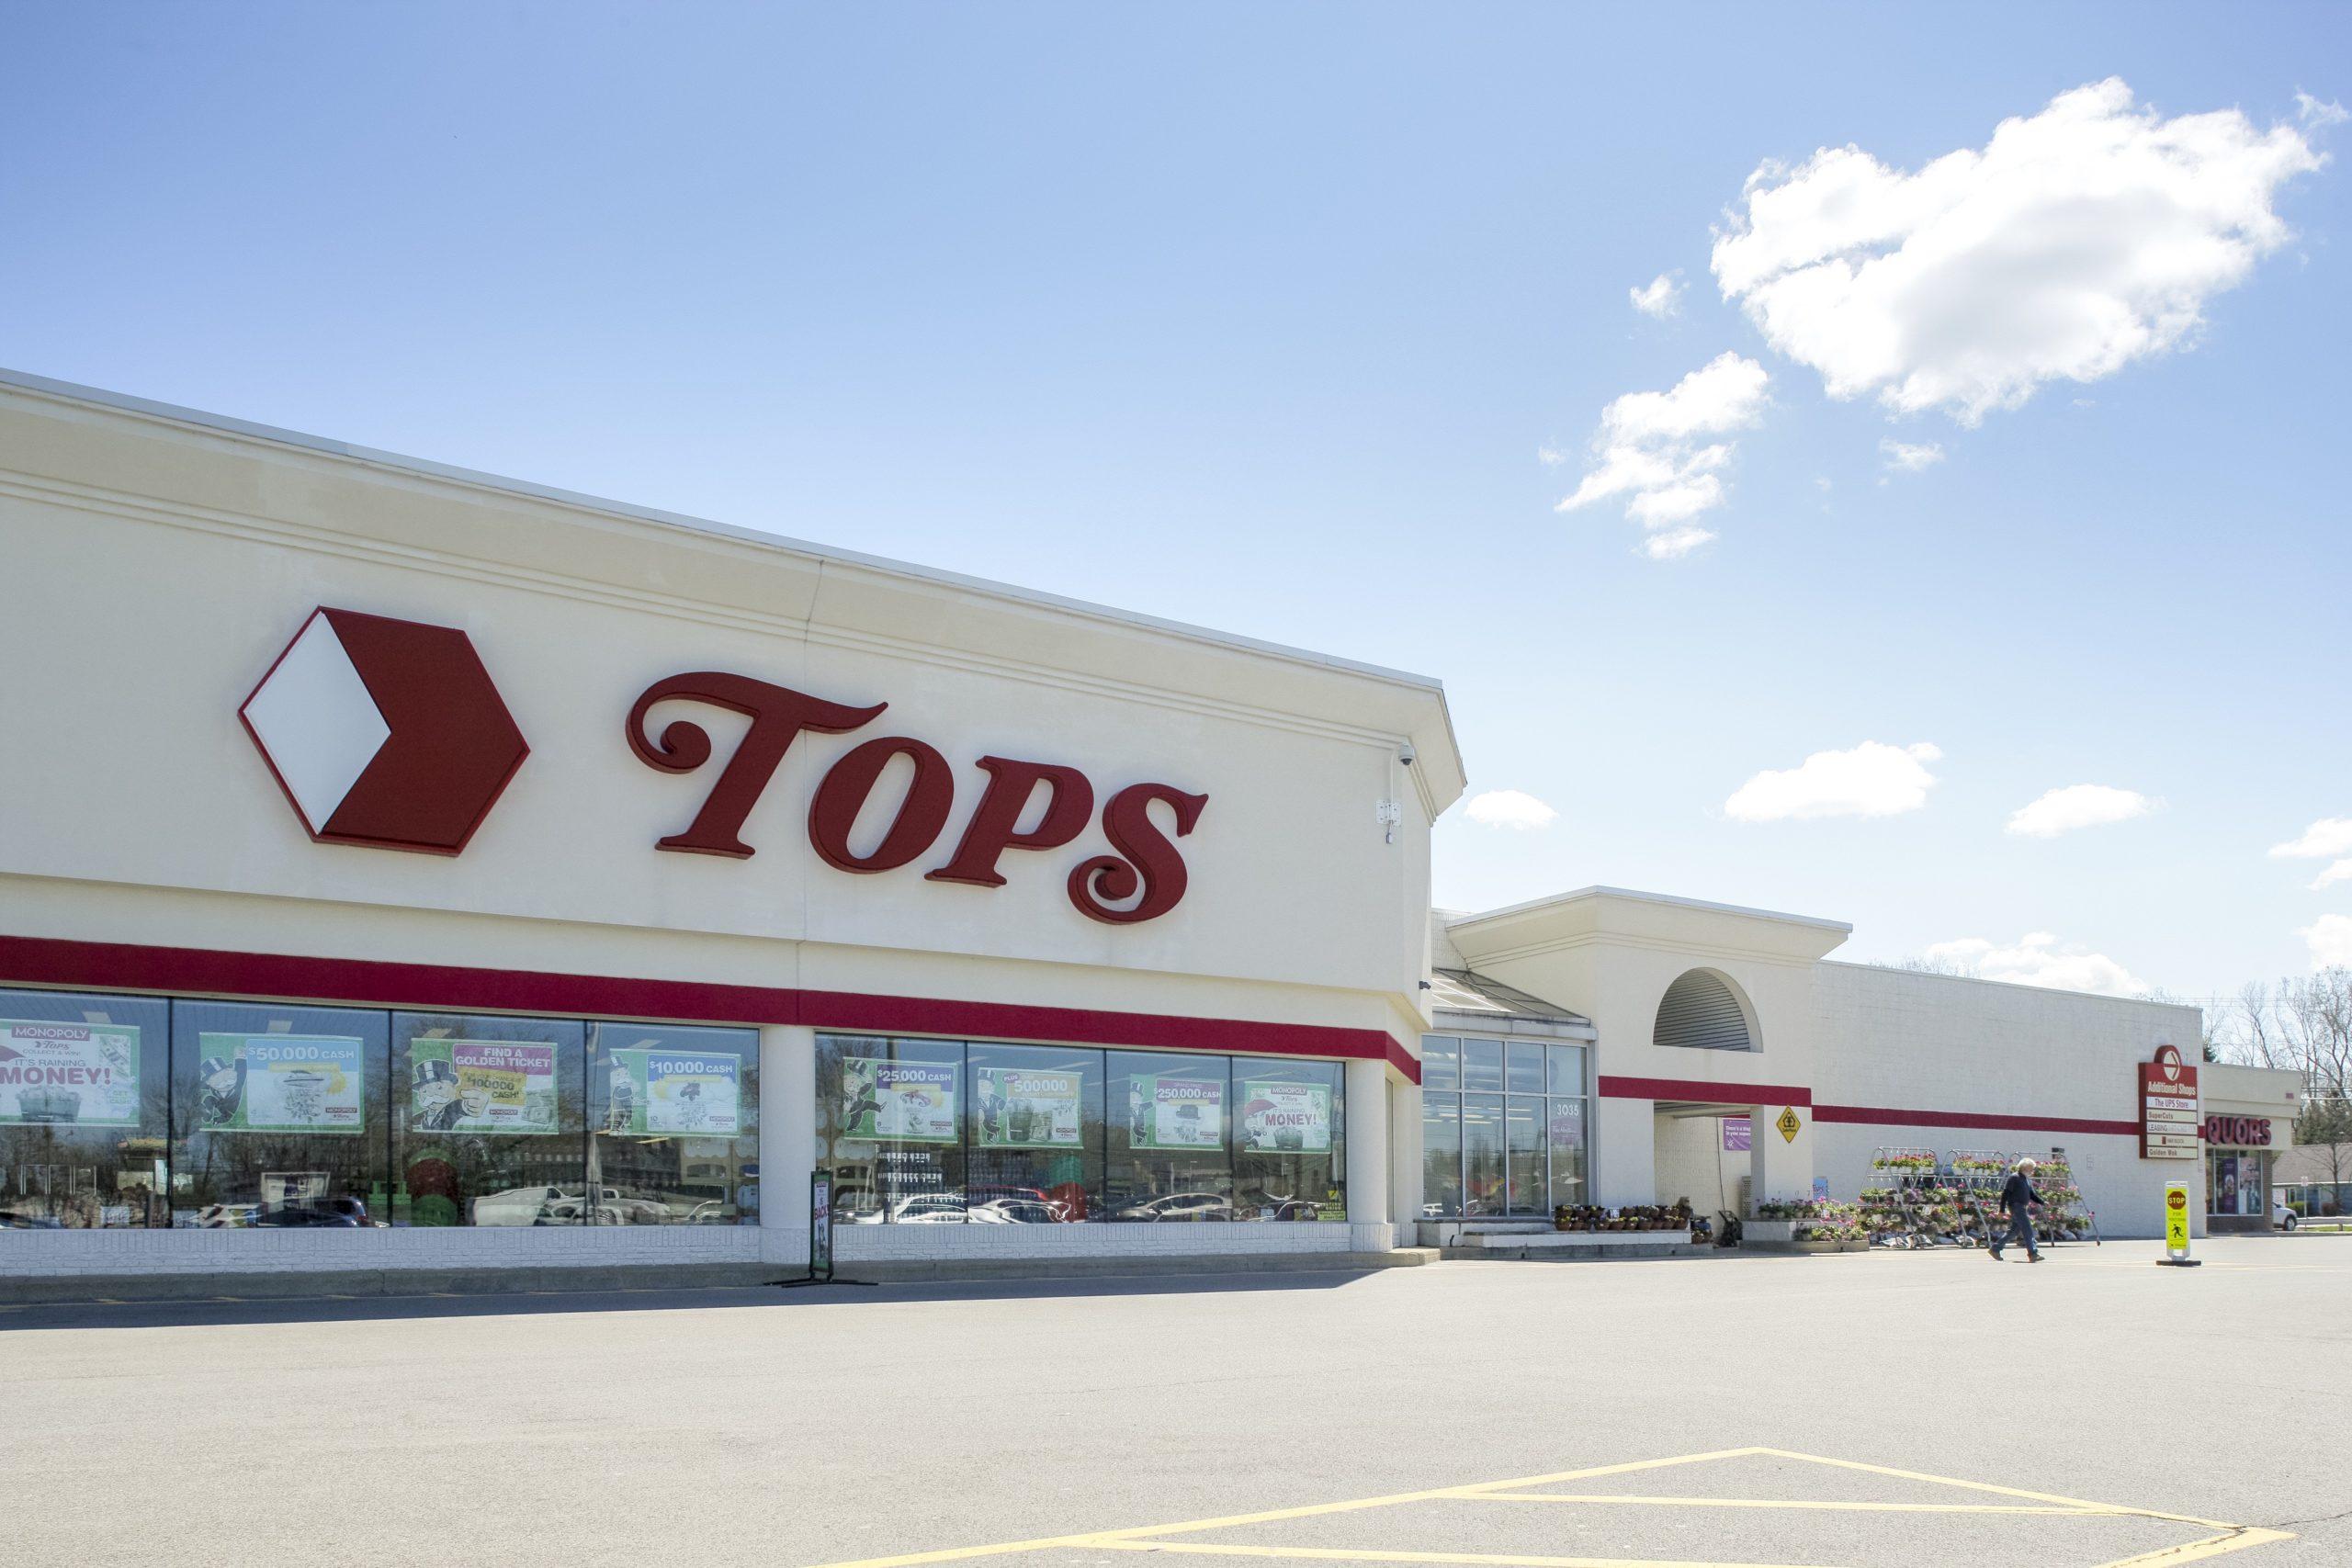 Tops Plaza, Amherst, NY